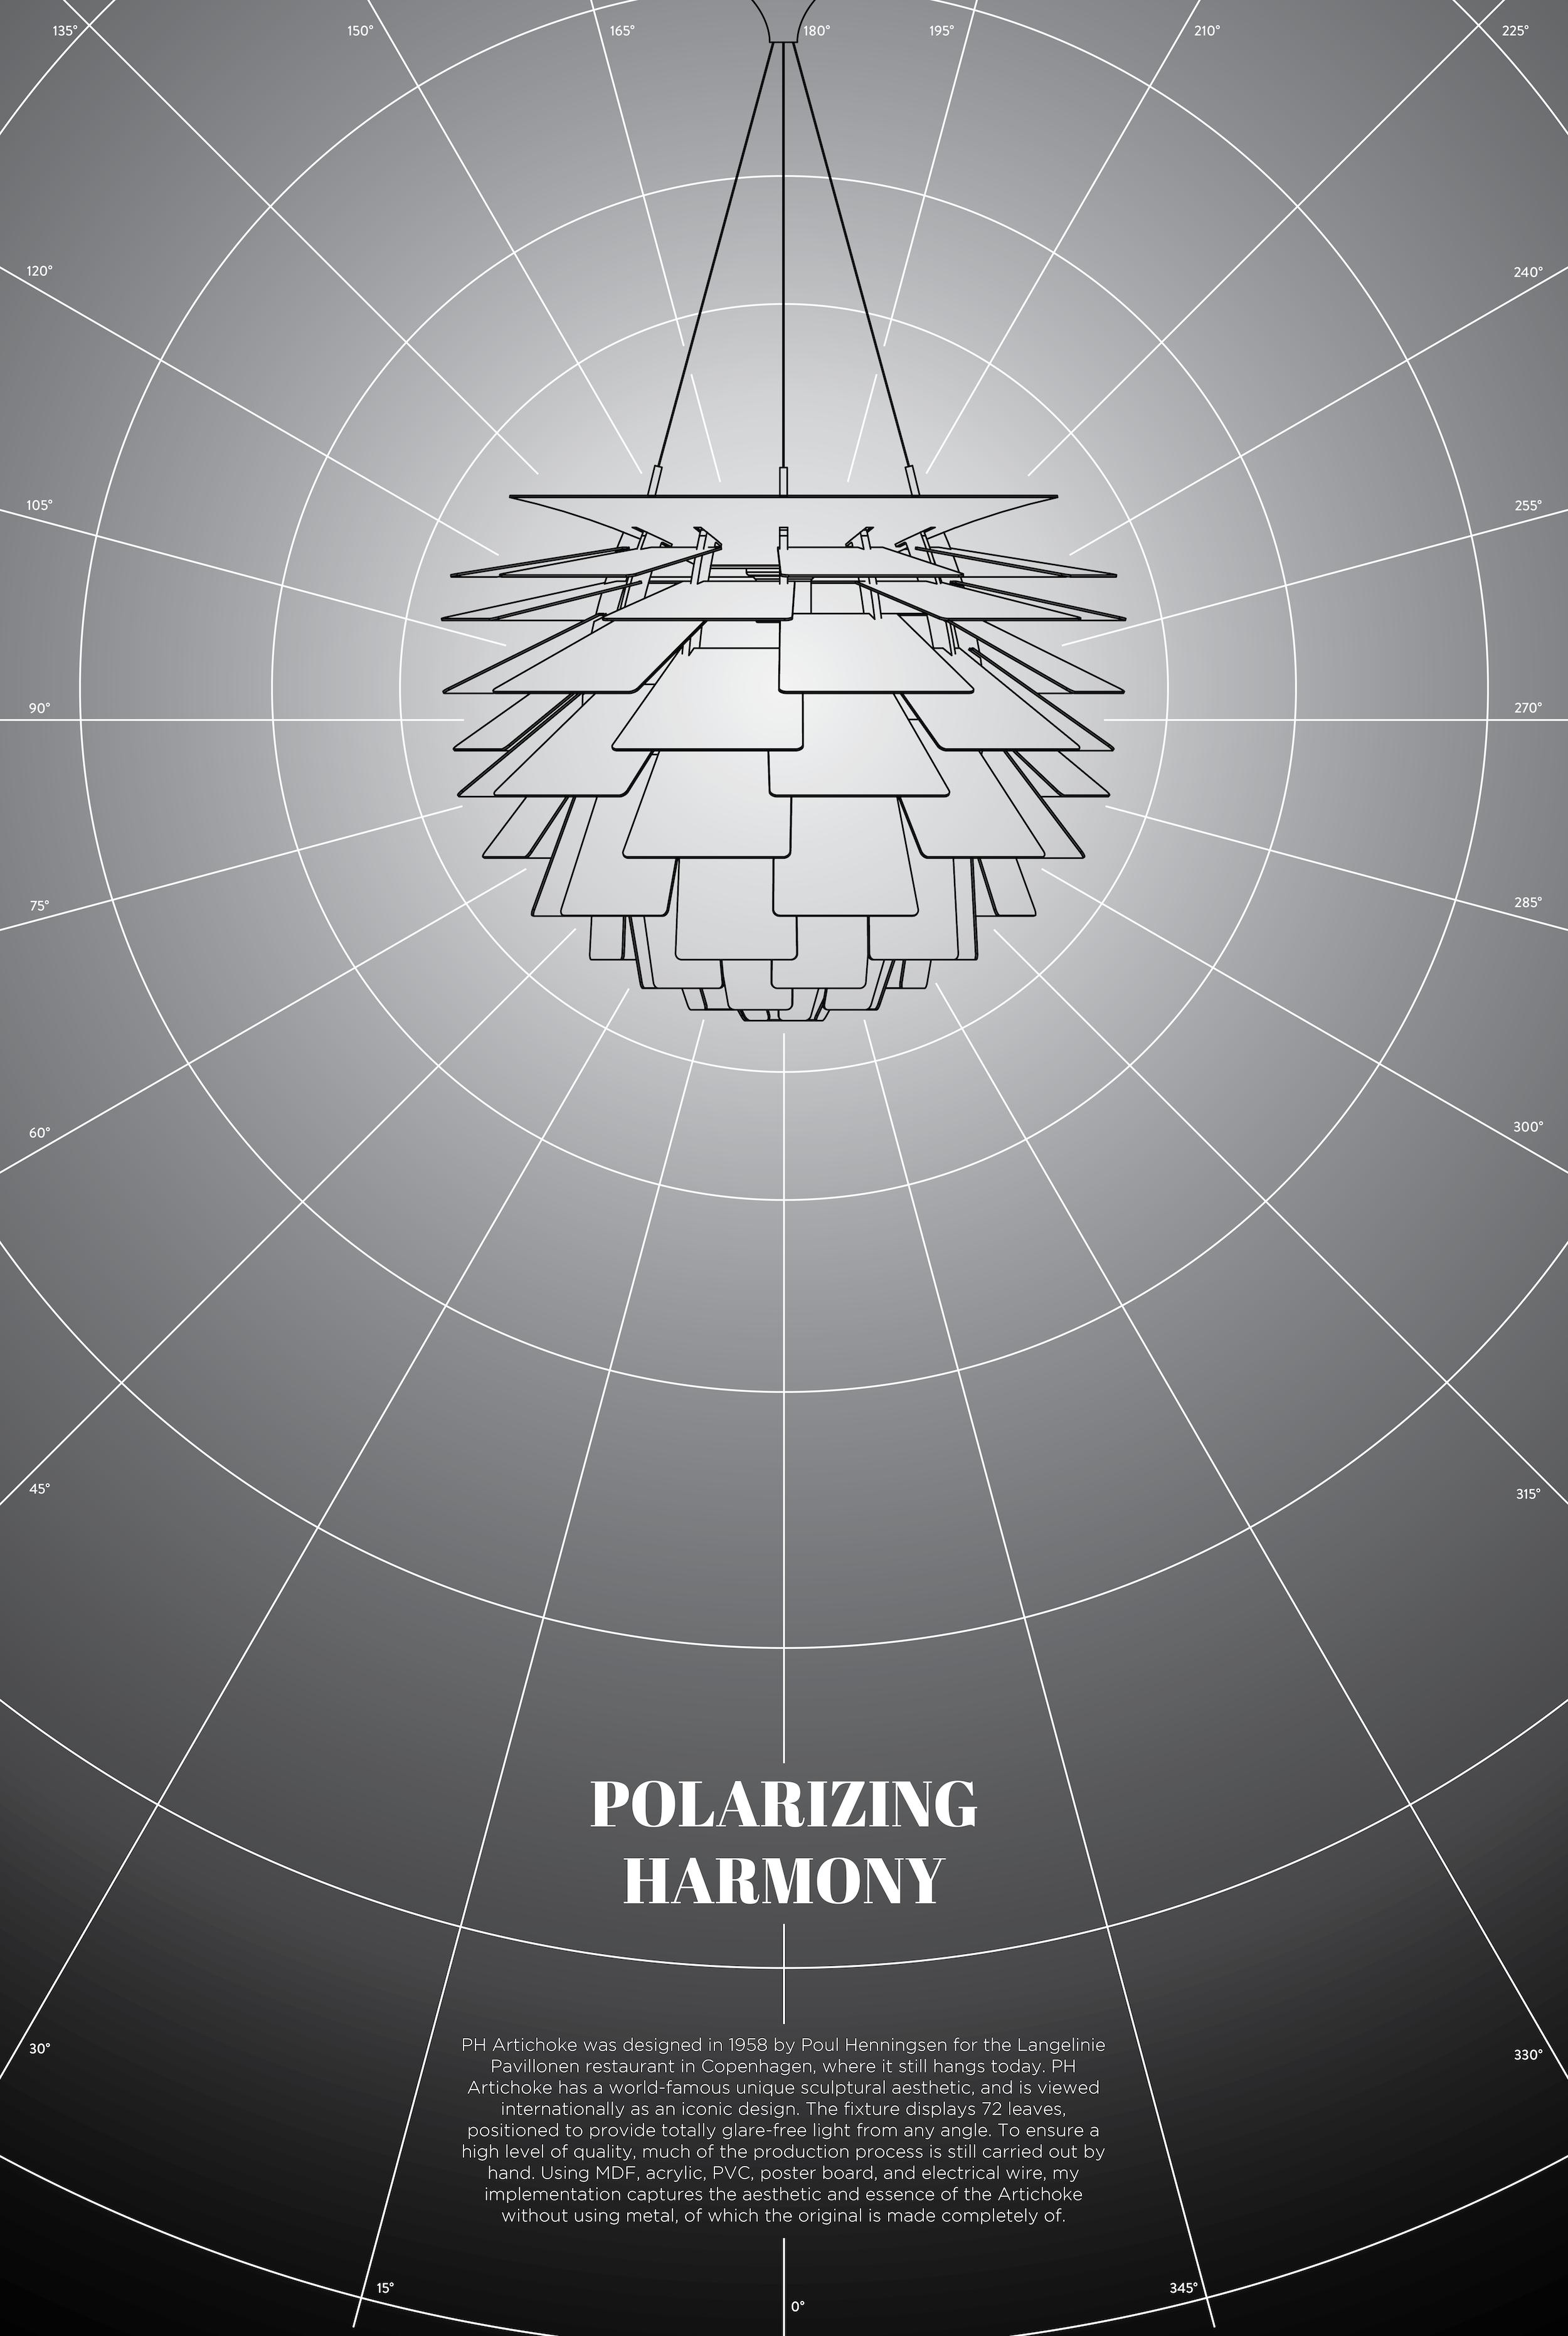 Lamp Design Poster - PH Artichoke, Poul Henningsen, 1958